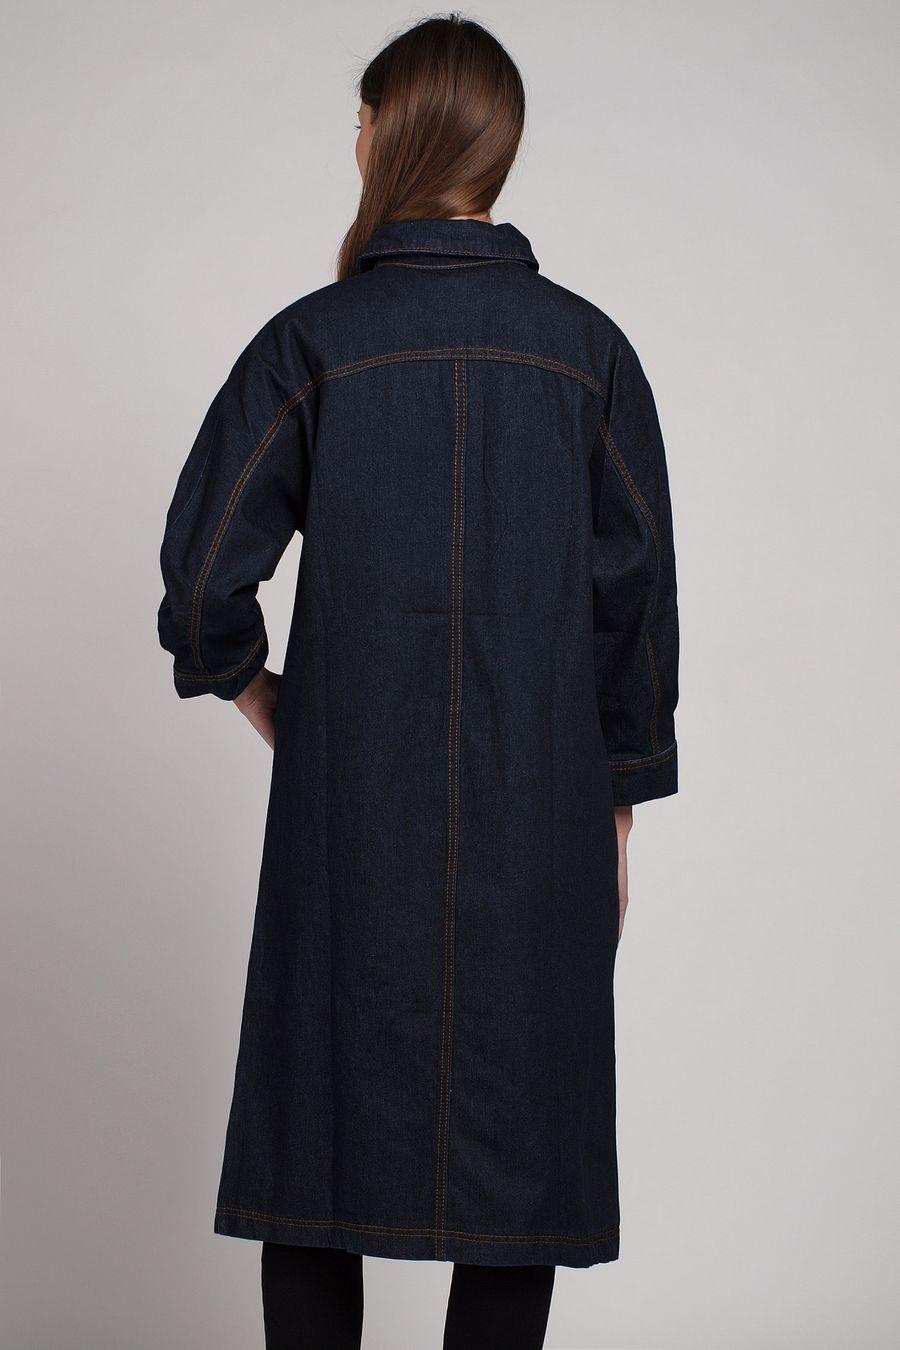 Куртка-френч женская Baccino 6116 джинсовая - фото 3